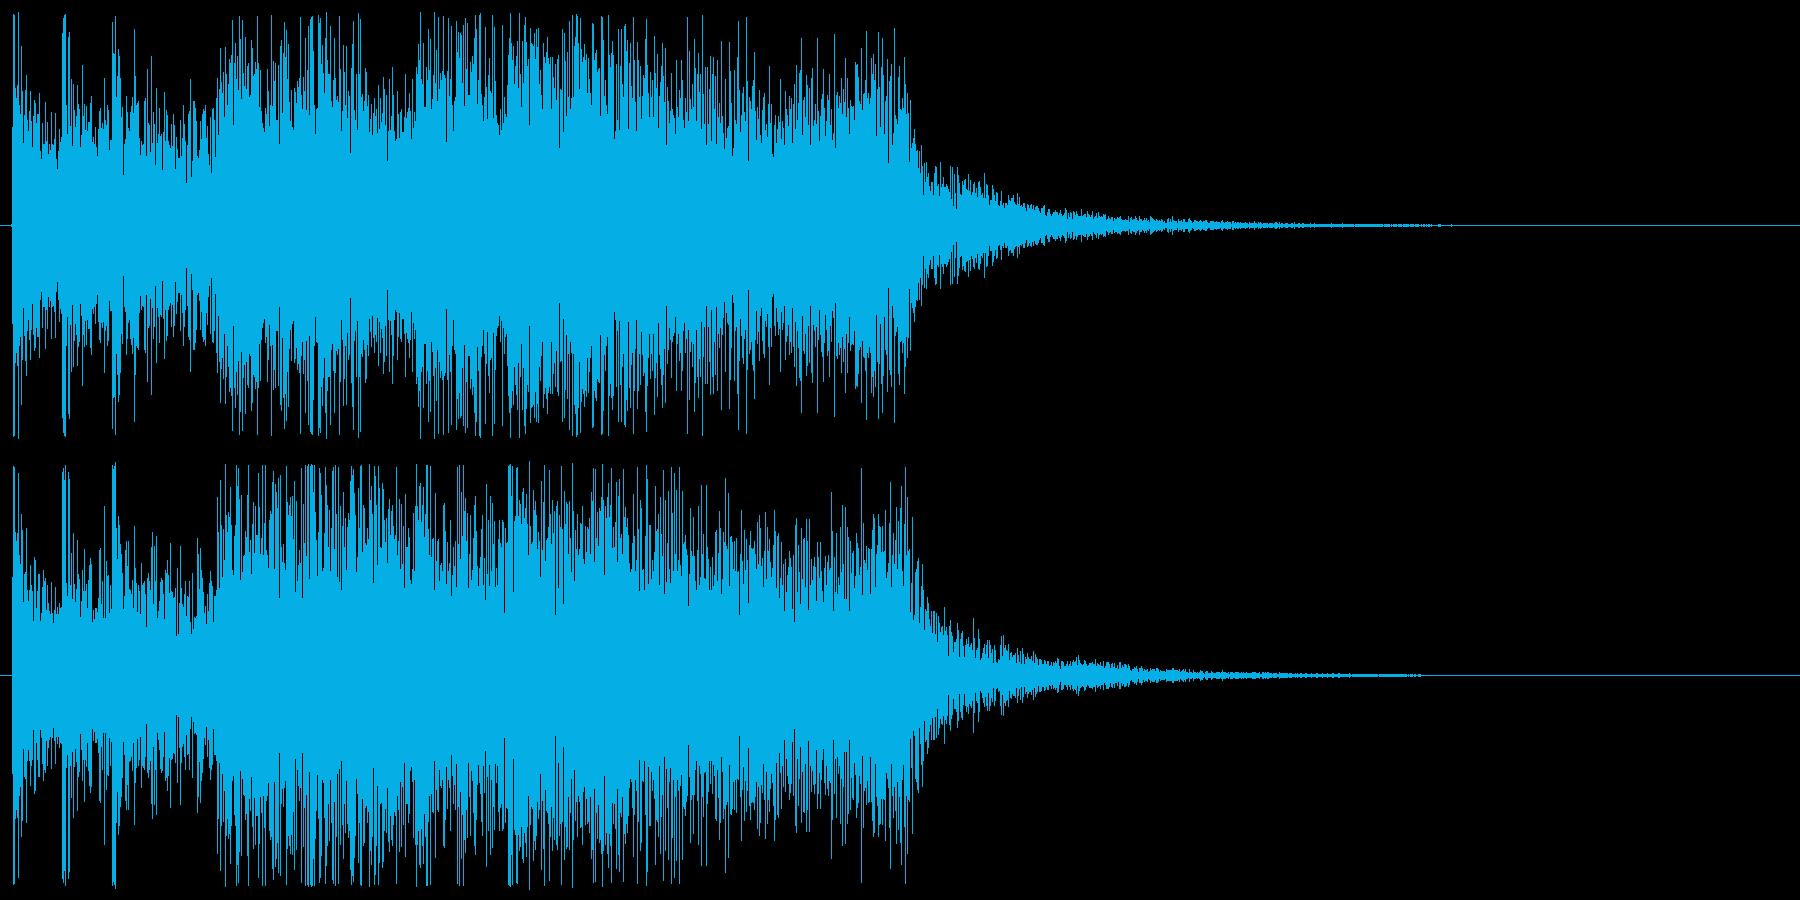 ブラスとティンパニ 勇壮 CM 場面転換の再生済みの波形